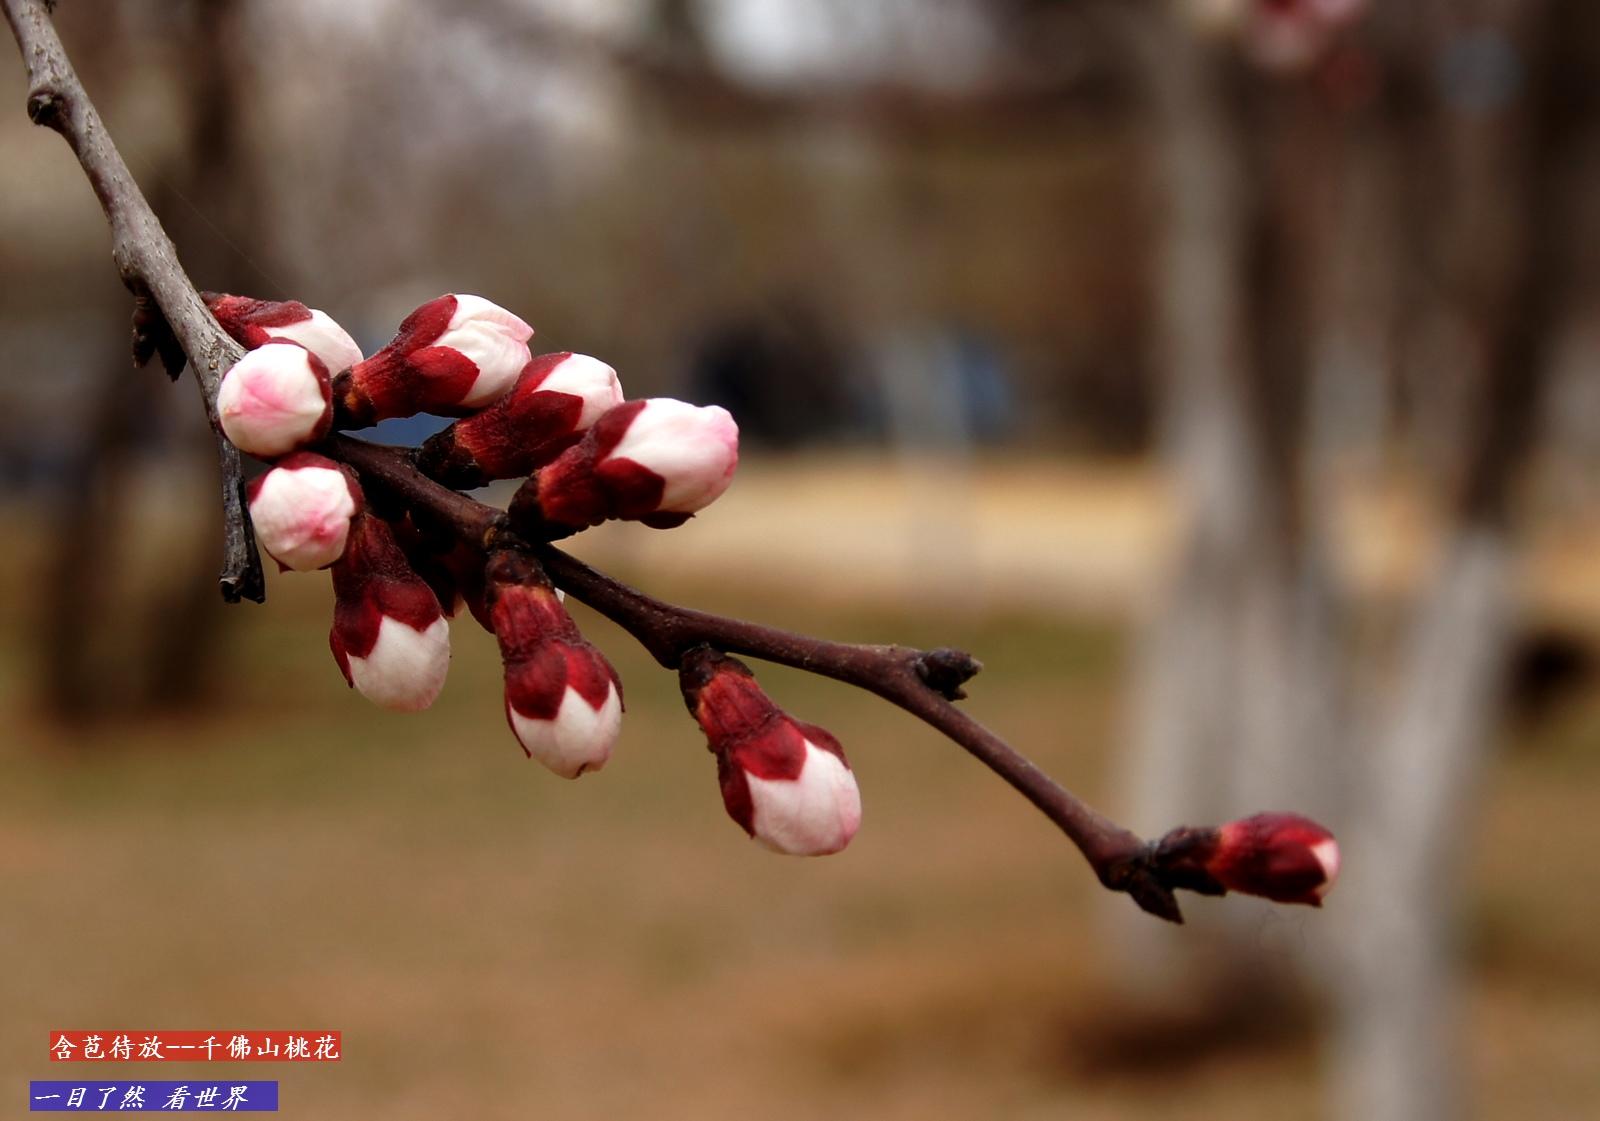 千佛山迎春花-桃花盛开-含苞待放-28-1600.jpg